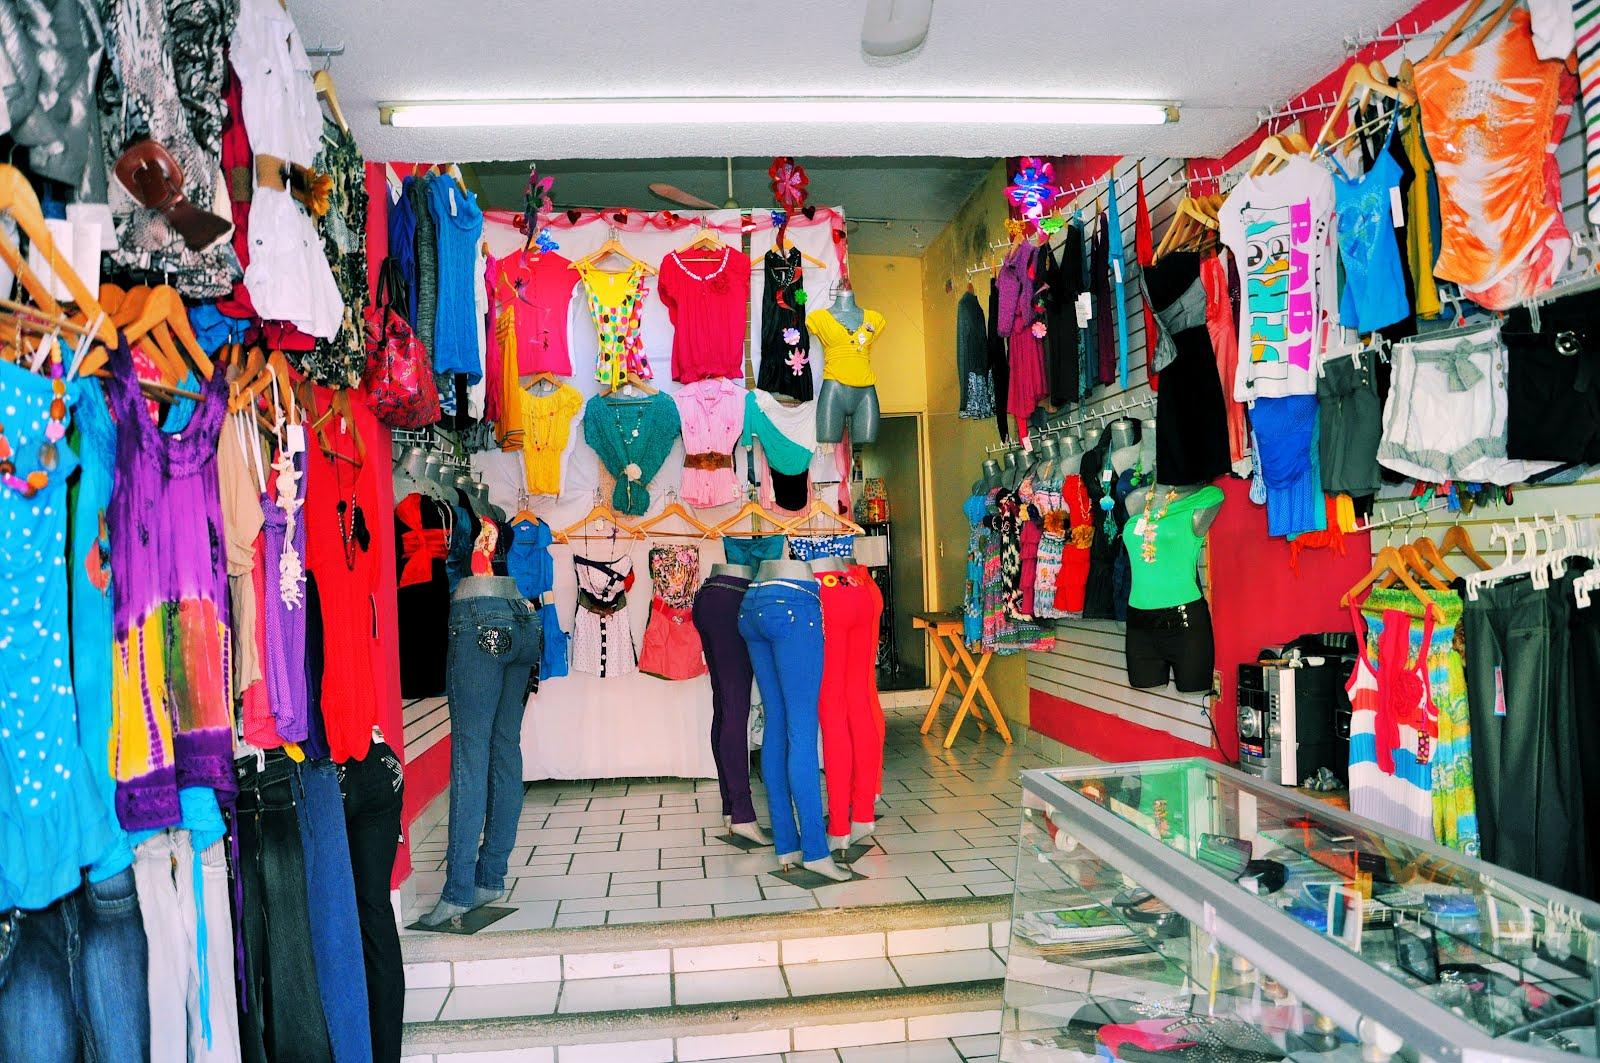 directorio tlapacoyan boutique maricarmen en tlapacoyan